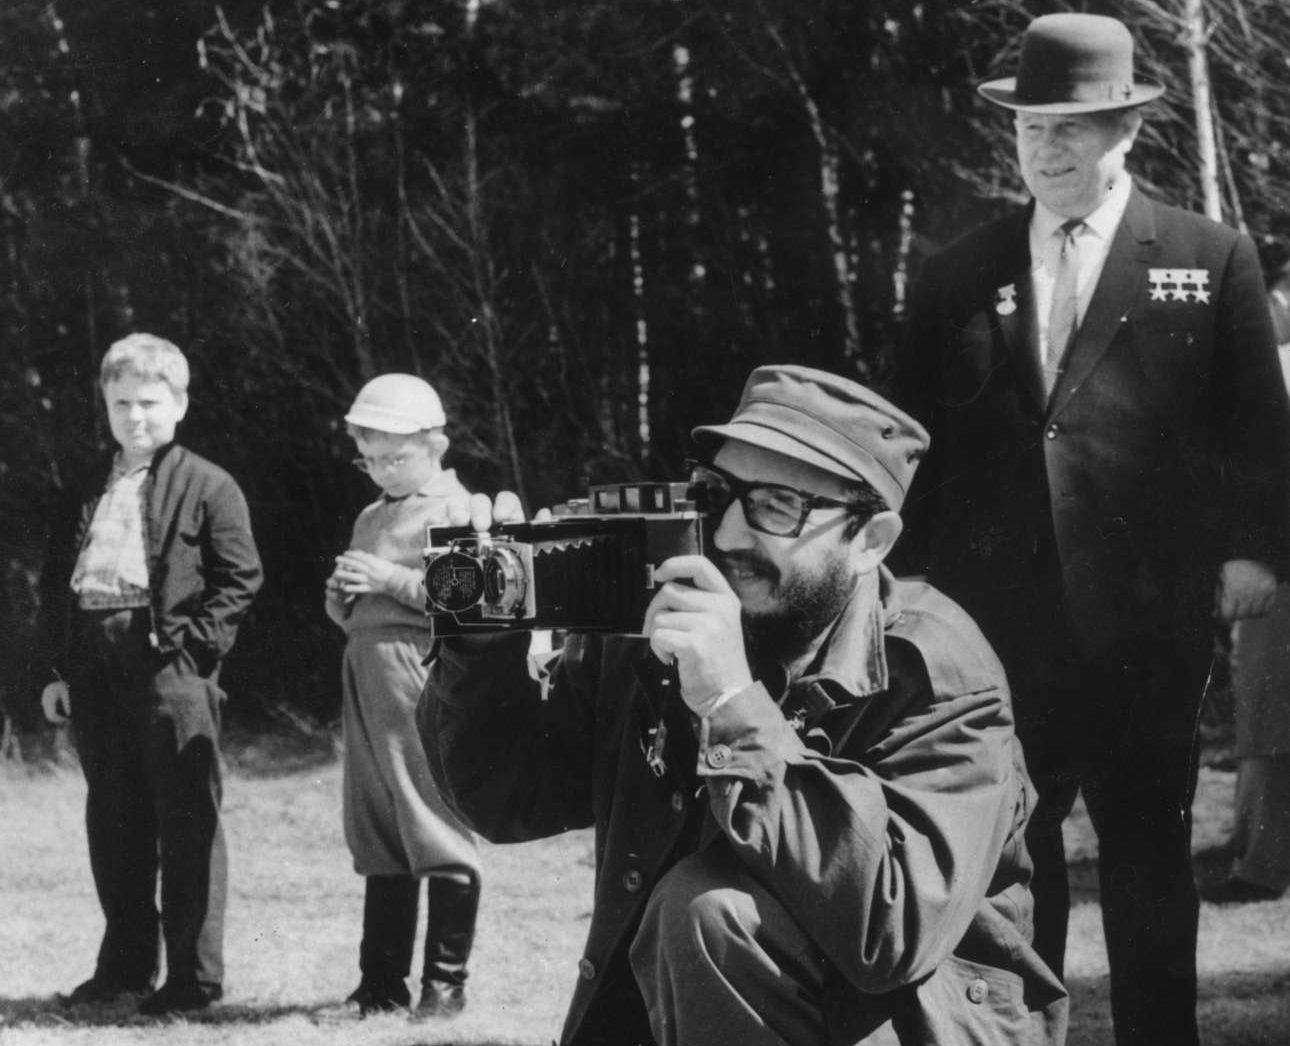 Μάιος 1963. Υπό το βλέμμα του ηγέτη της ΕΣΣΔ Νικίτα Χρουστσόφ, ο Φιντέλ τραβάει φωτογραφίες κατά την επίσκεψή του σε πάρκο. Είναι το πρώτο του ταξίδι στην τότε ΕΣΣΔ